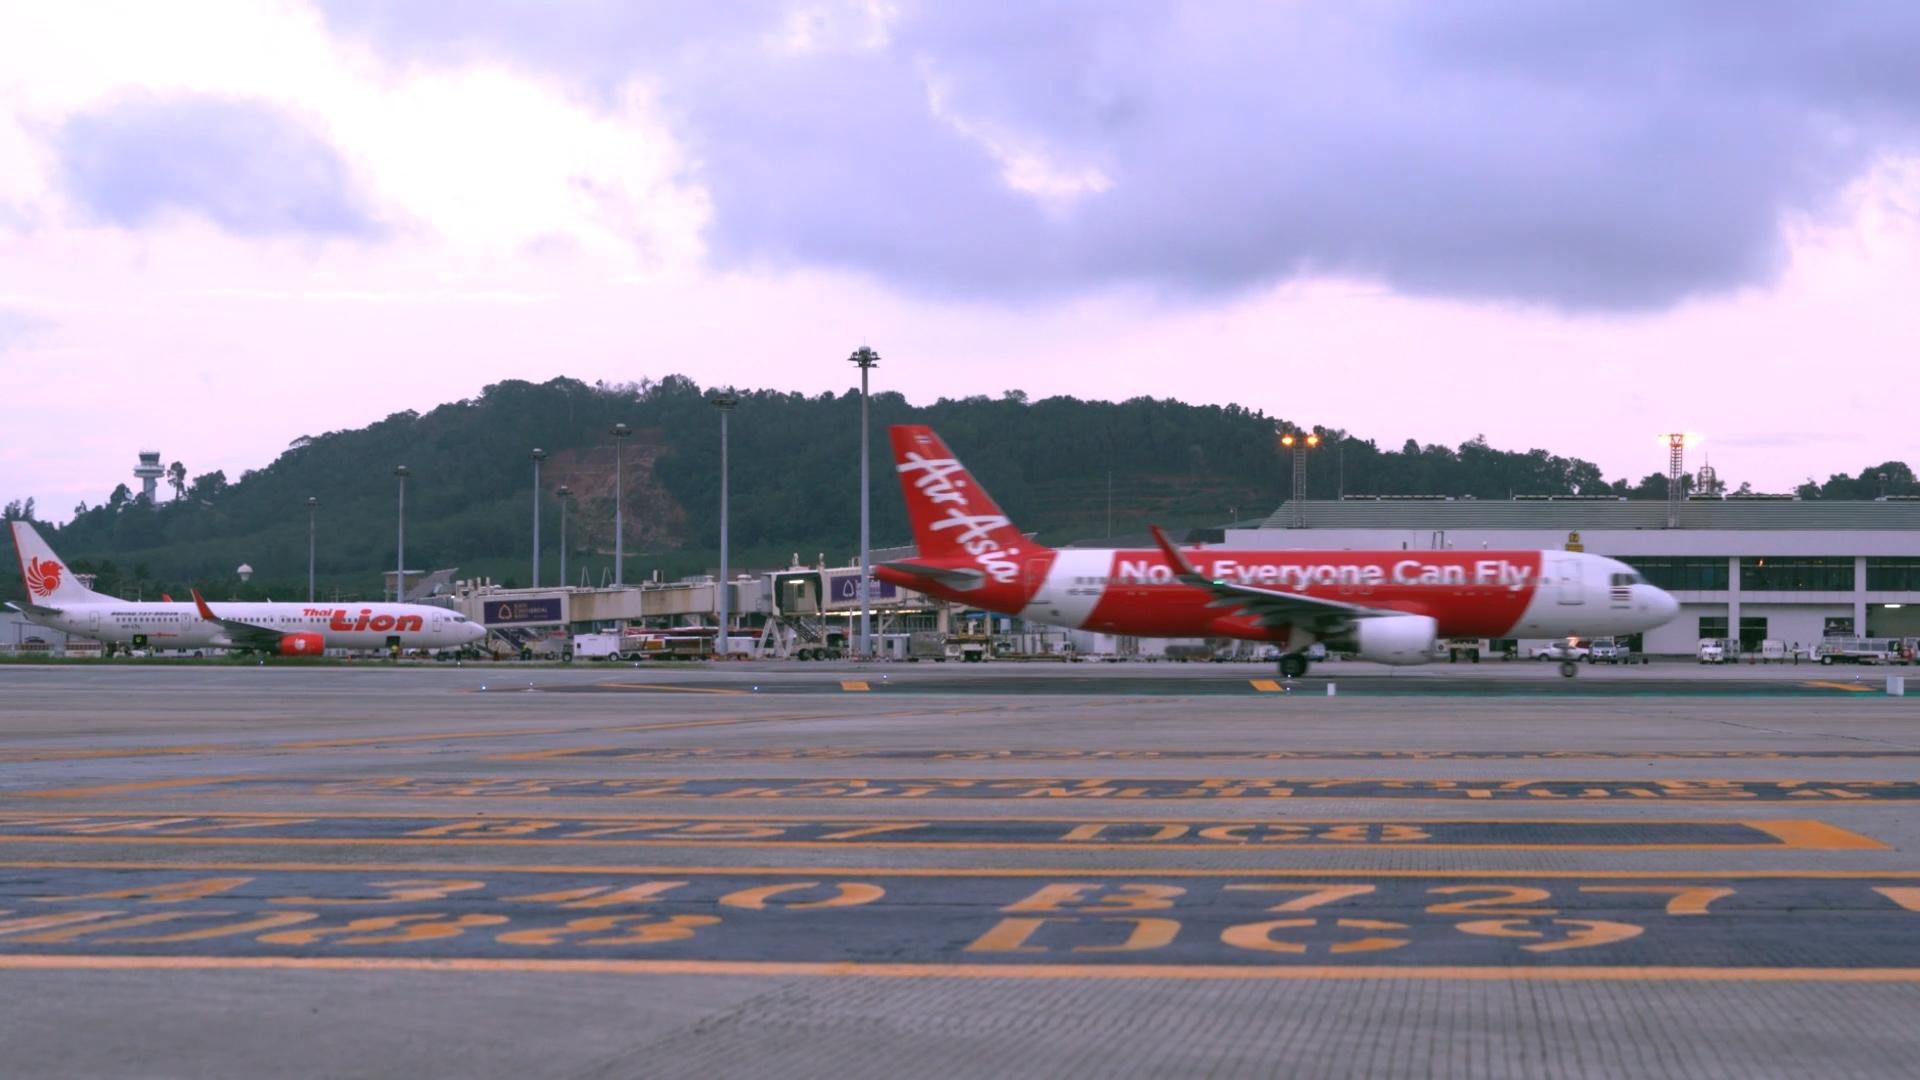 Лоукостер AirAsia планирует открыть рейсы в Москву и Санкт-Петербург